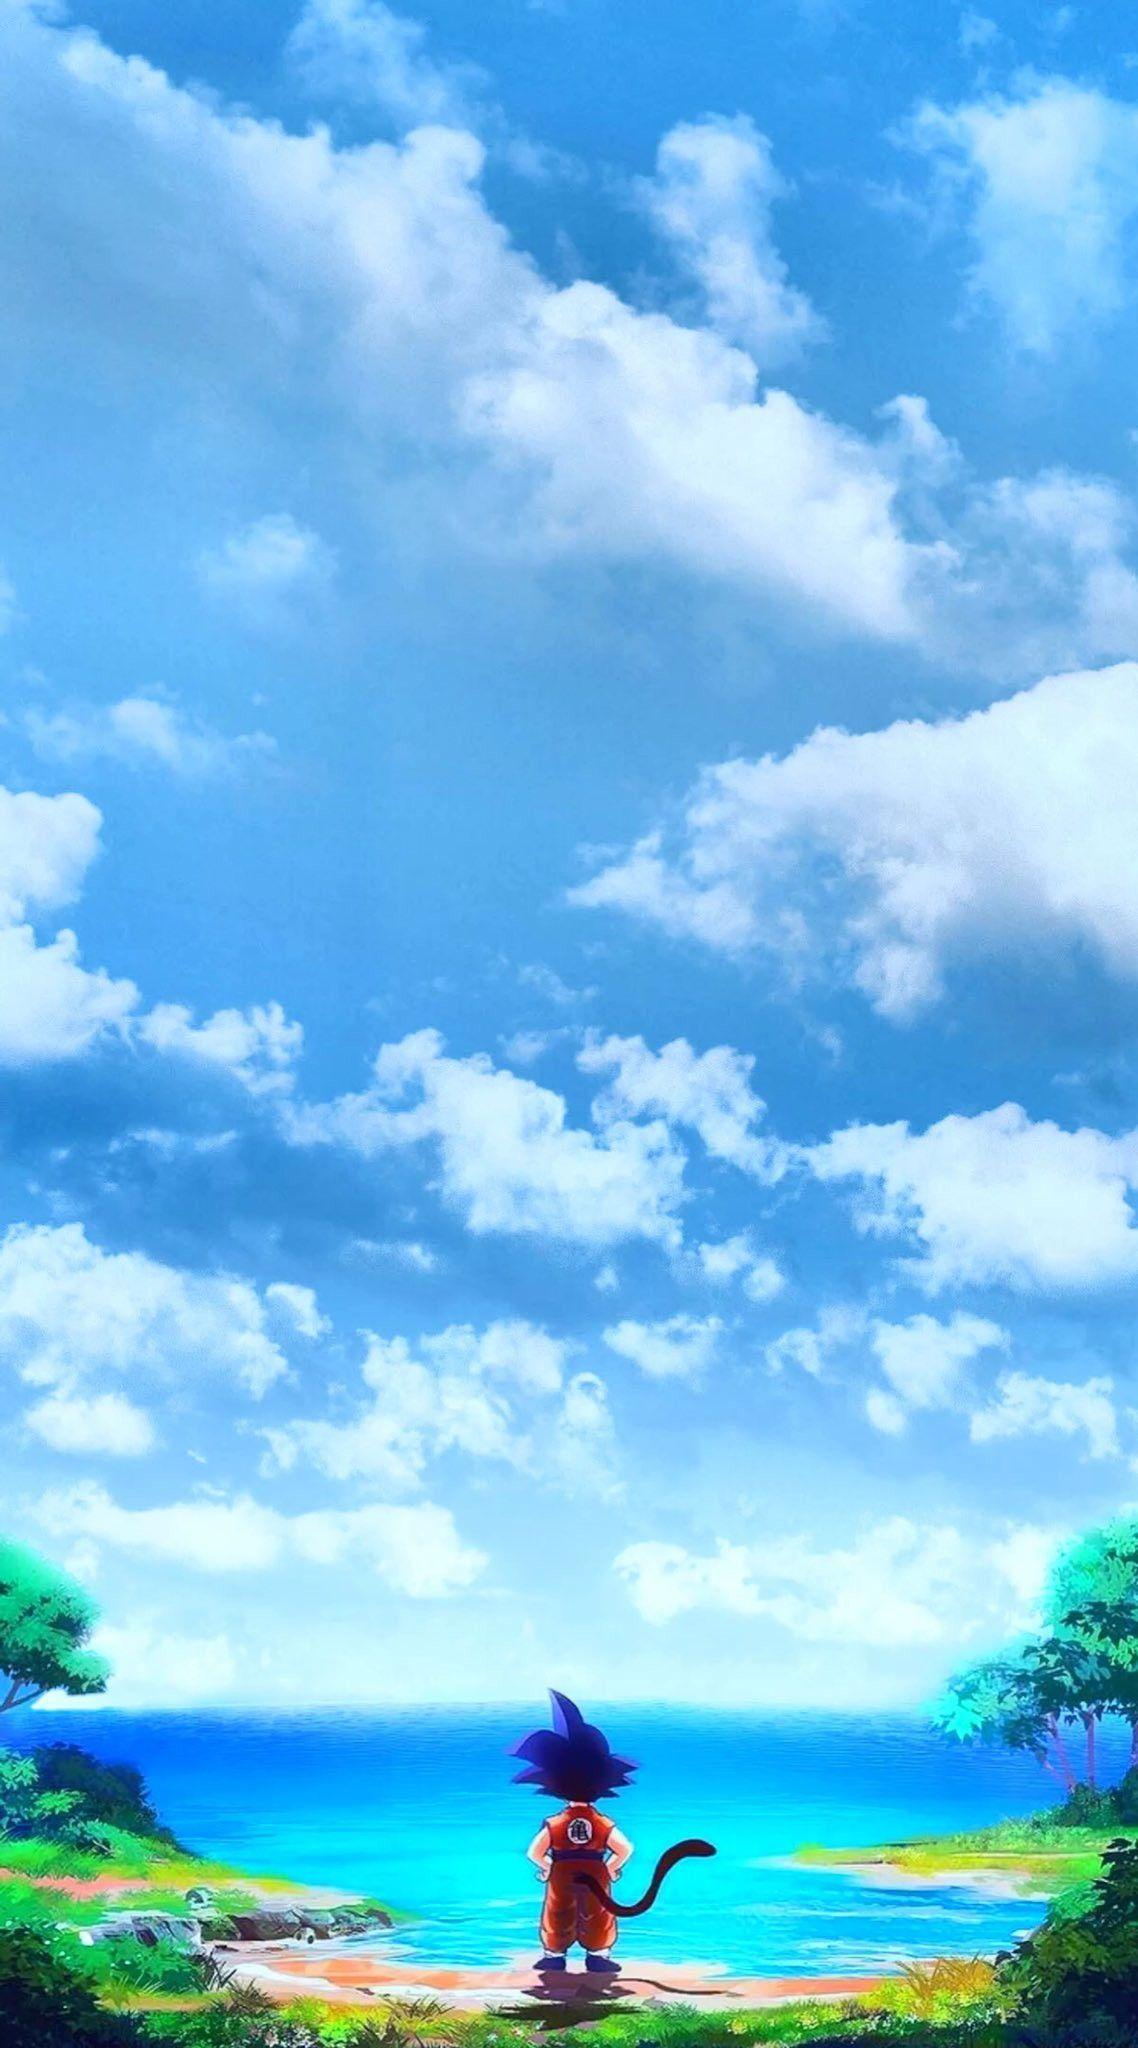 Goku Gokuimagenes Efectivas Que Le Proporcionamos Sobre Billy